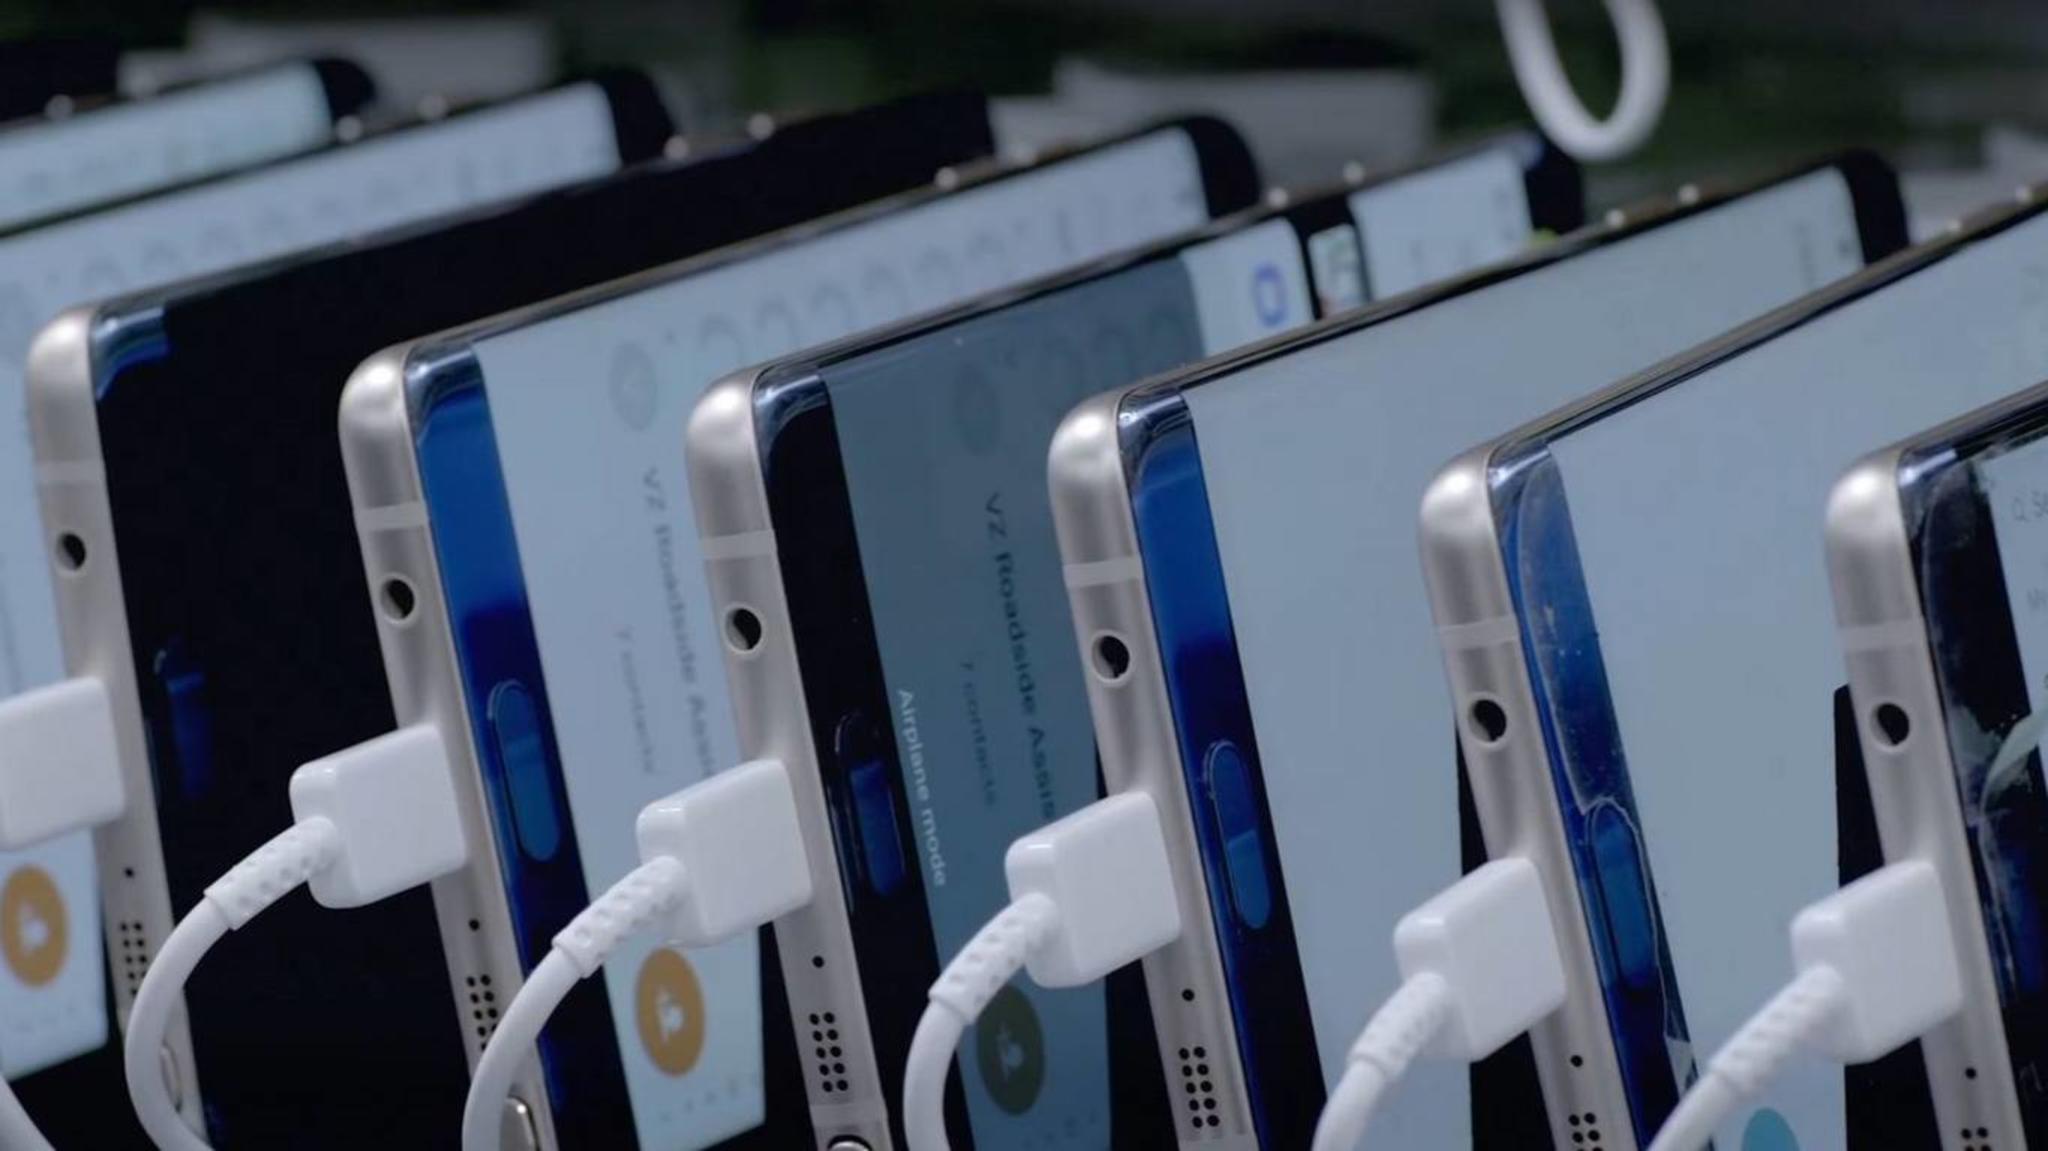 Samsung hat möglicherweise einen gewaltigen Durchbruch bei der Akku-Technologie erzielt.